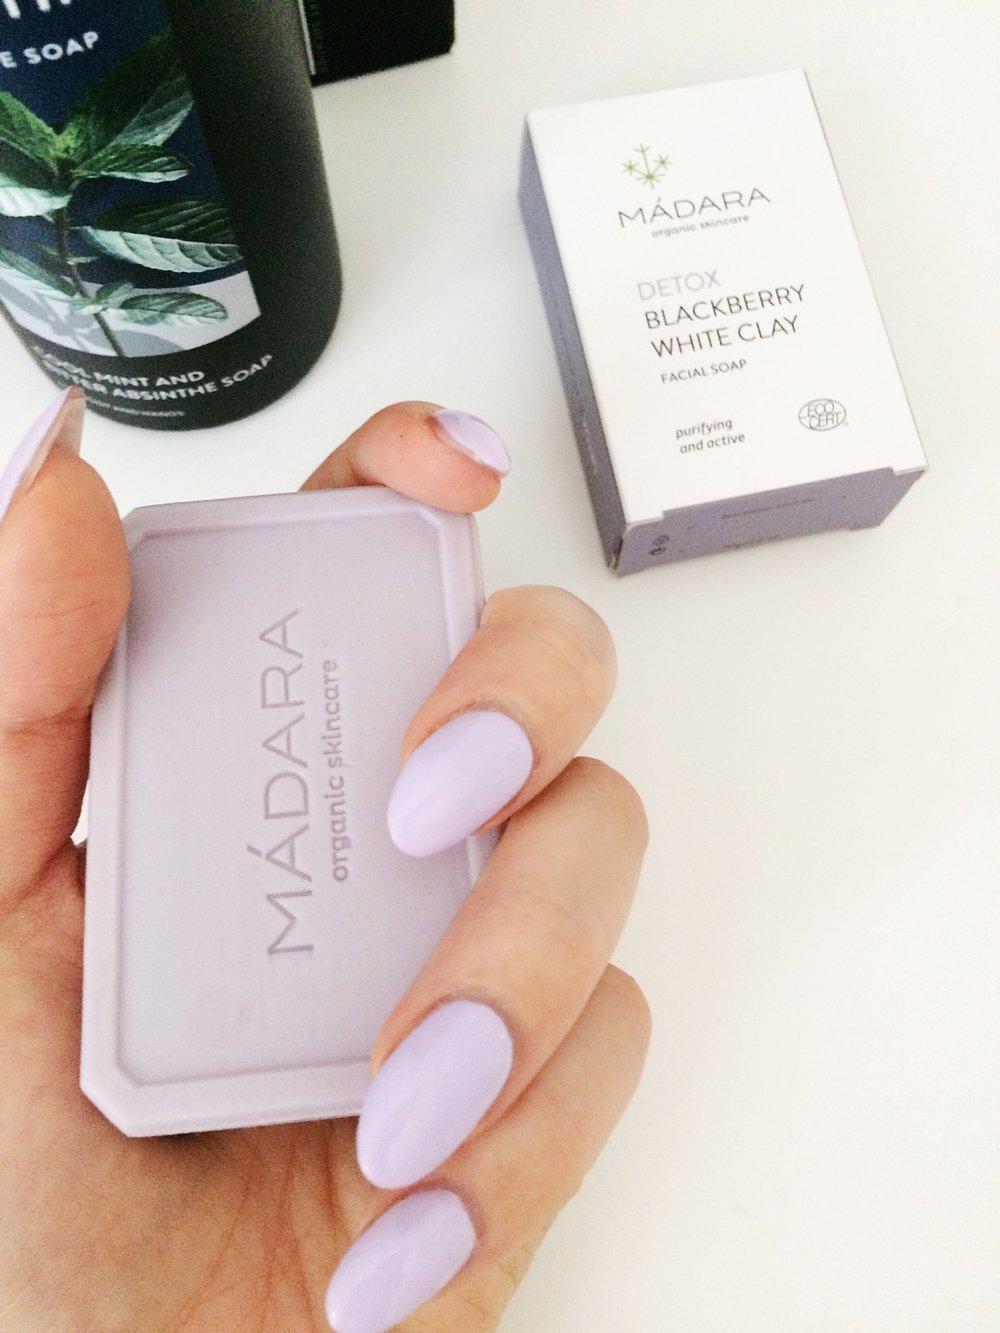 Madara Detox Blackberry White Clay Facial Soap